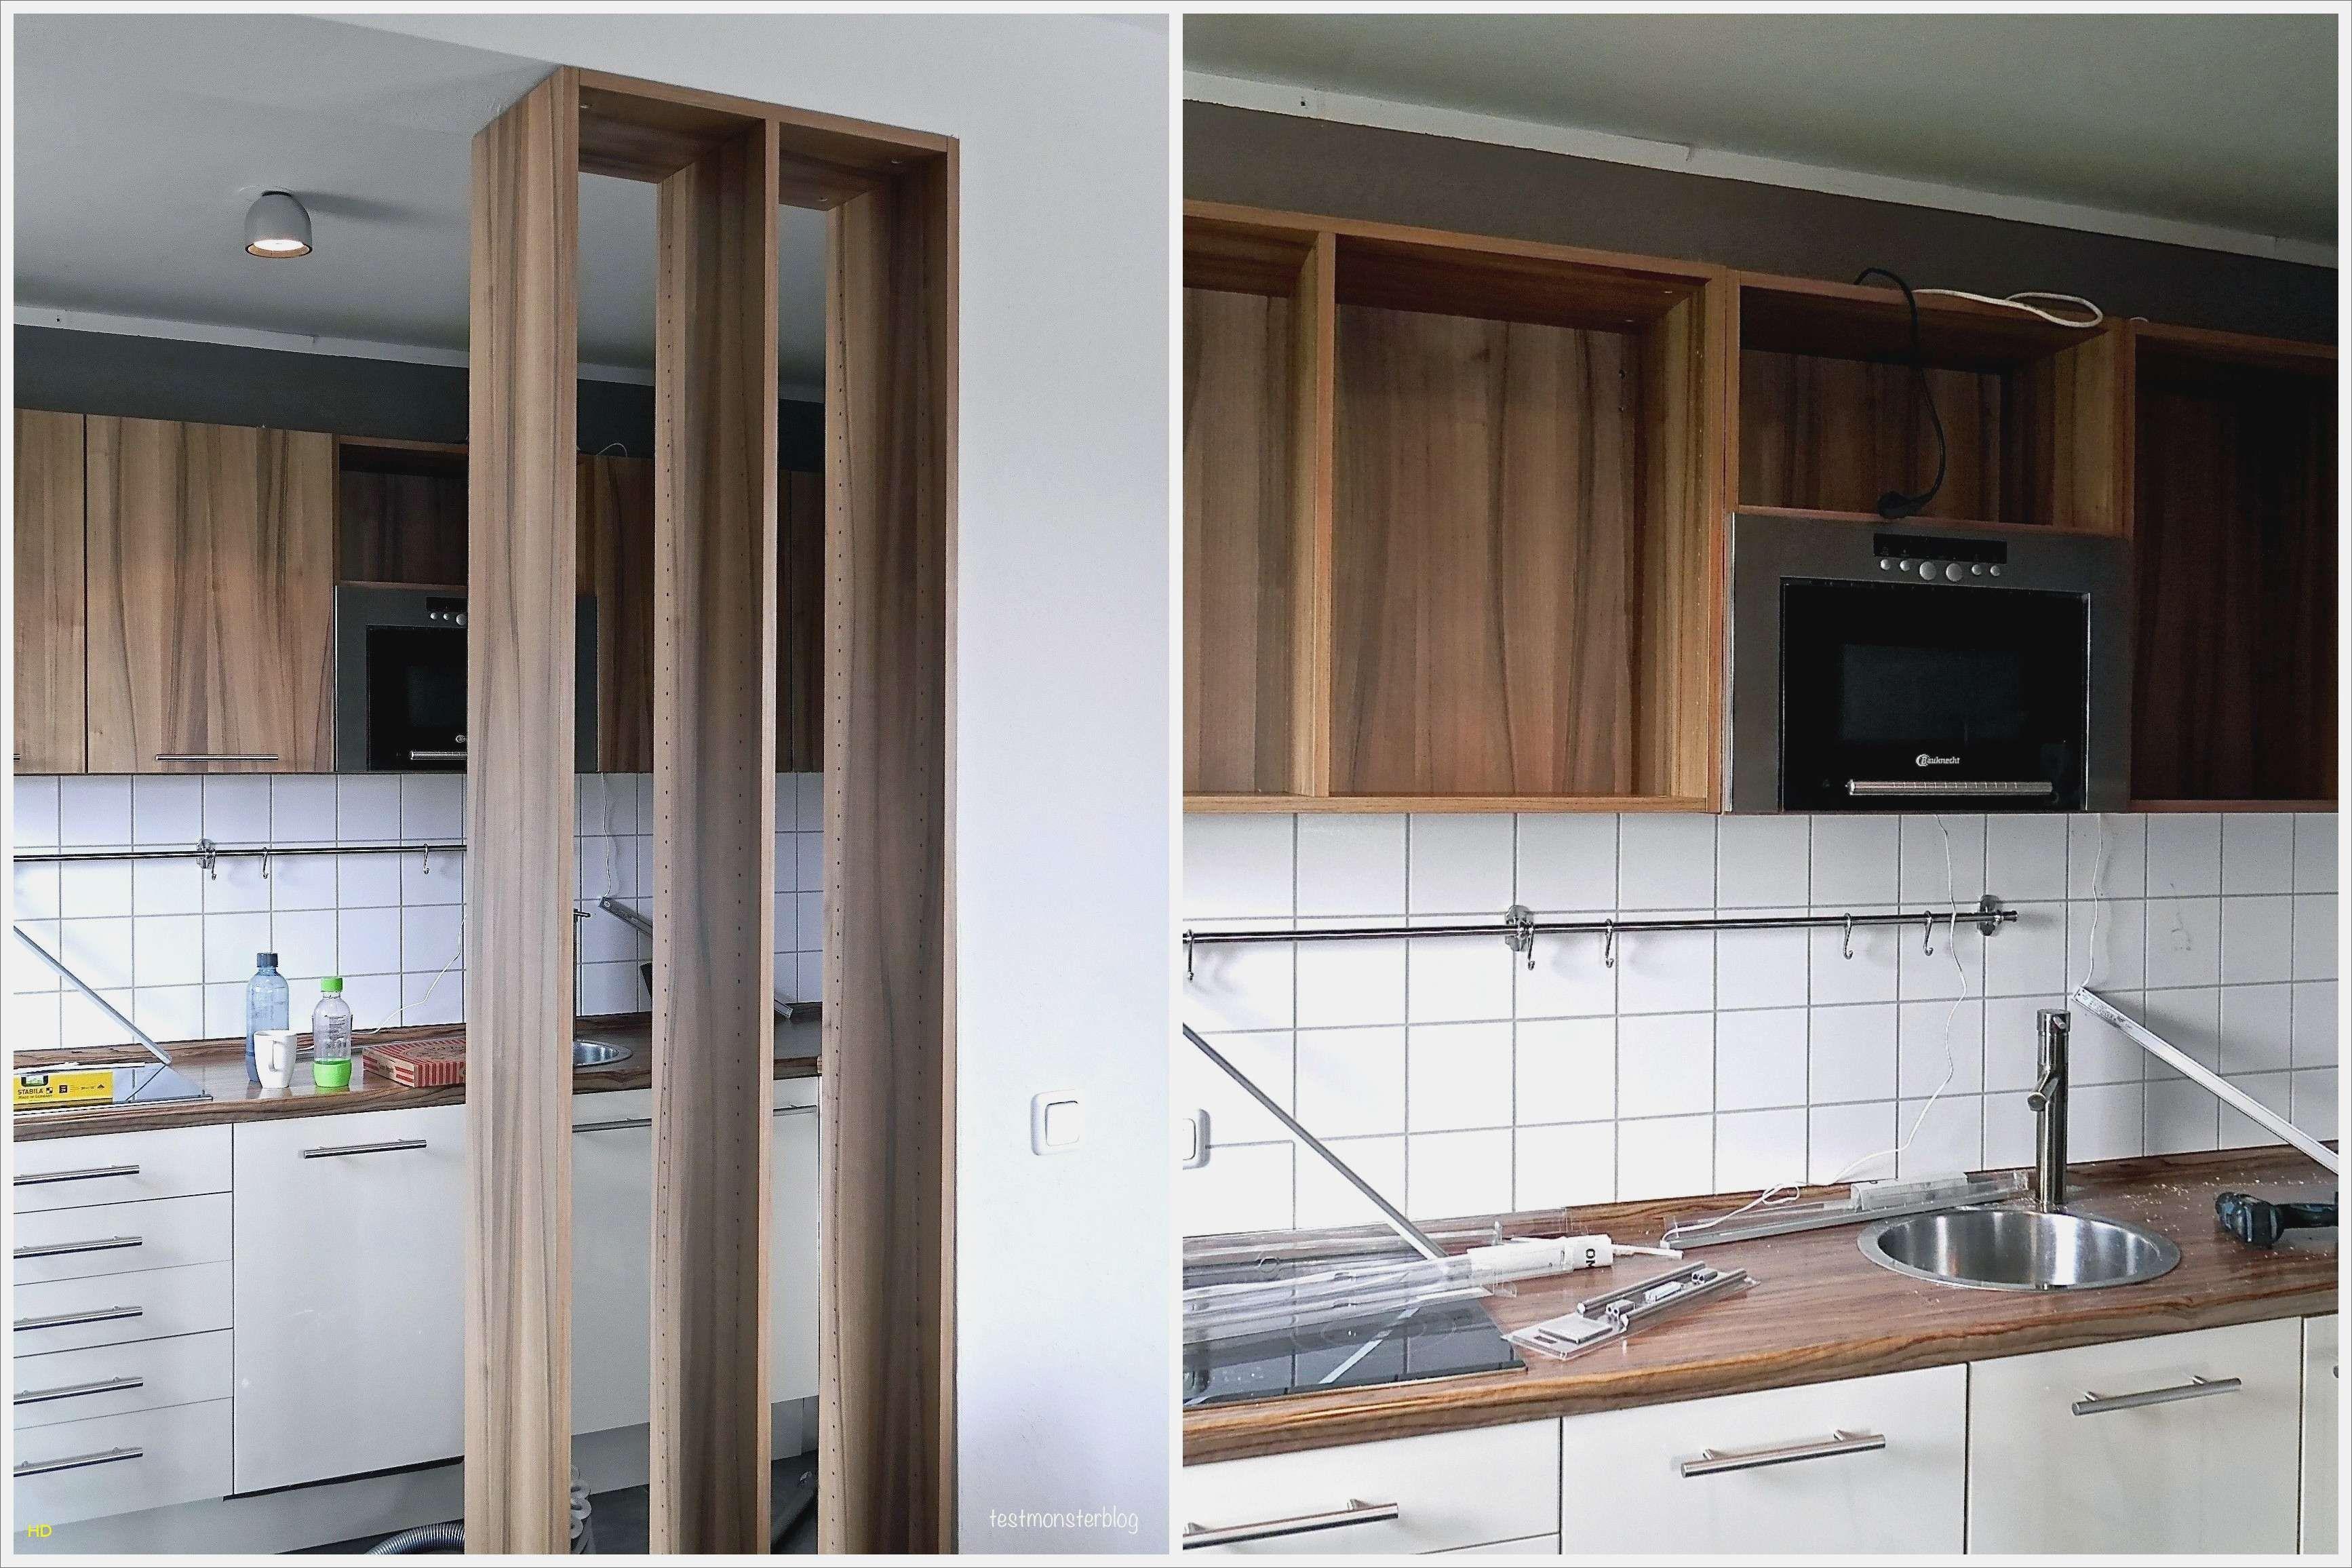 44 Schon Arbeitsplatte Kuche Toom Kitchen Kitchen Cabinets Kitchen Cabinet